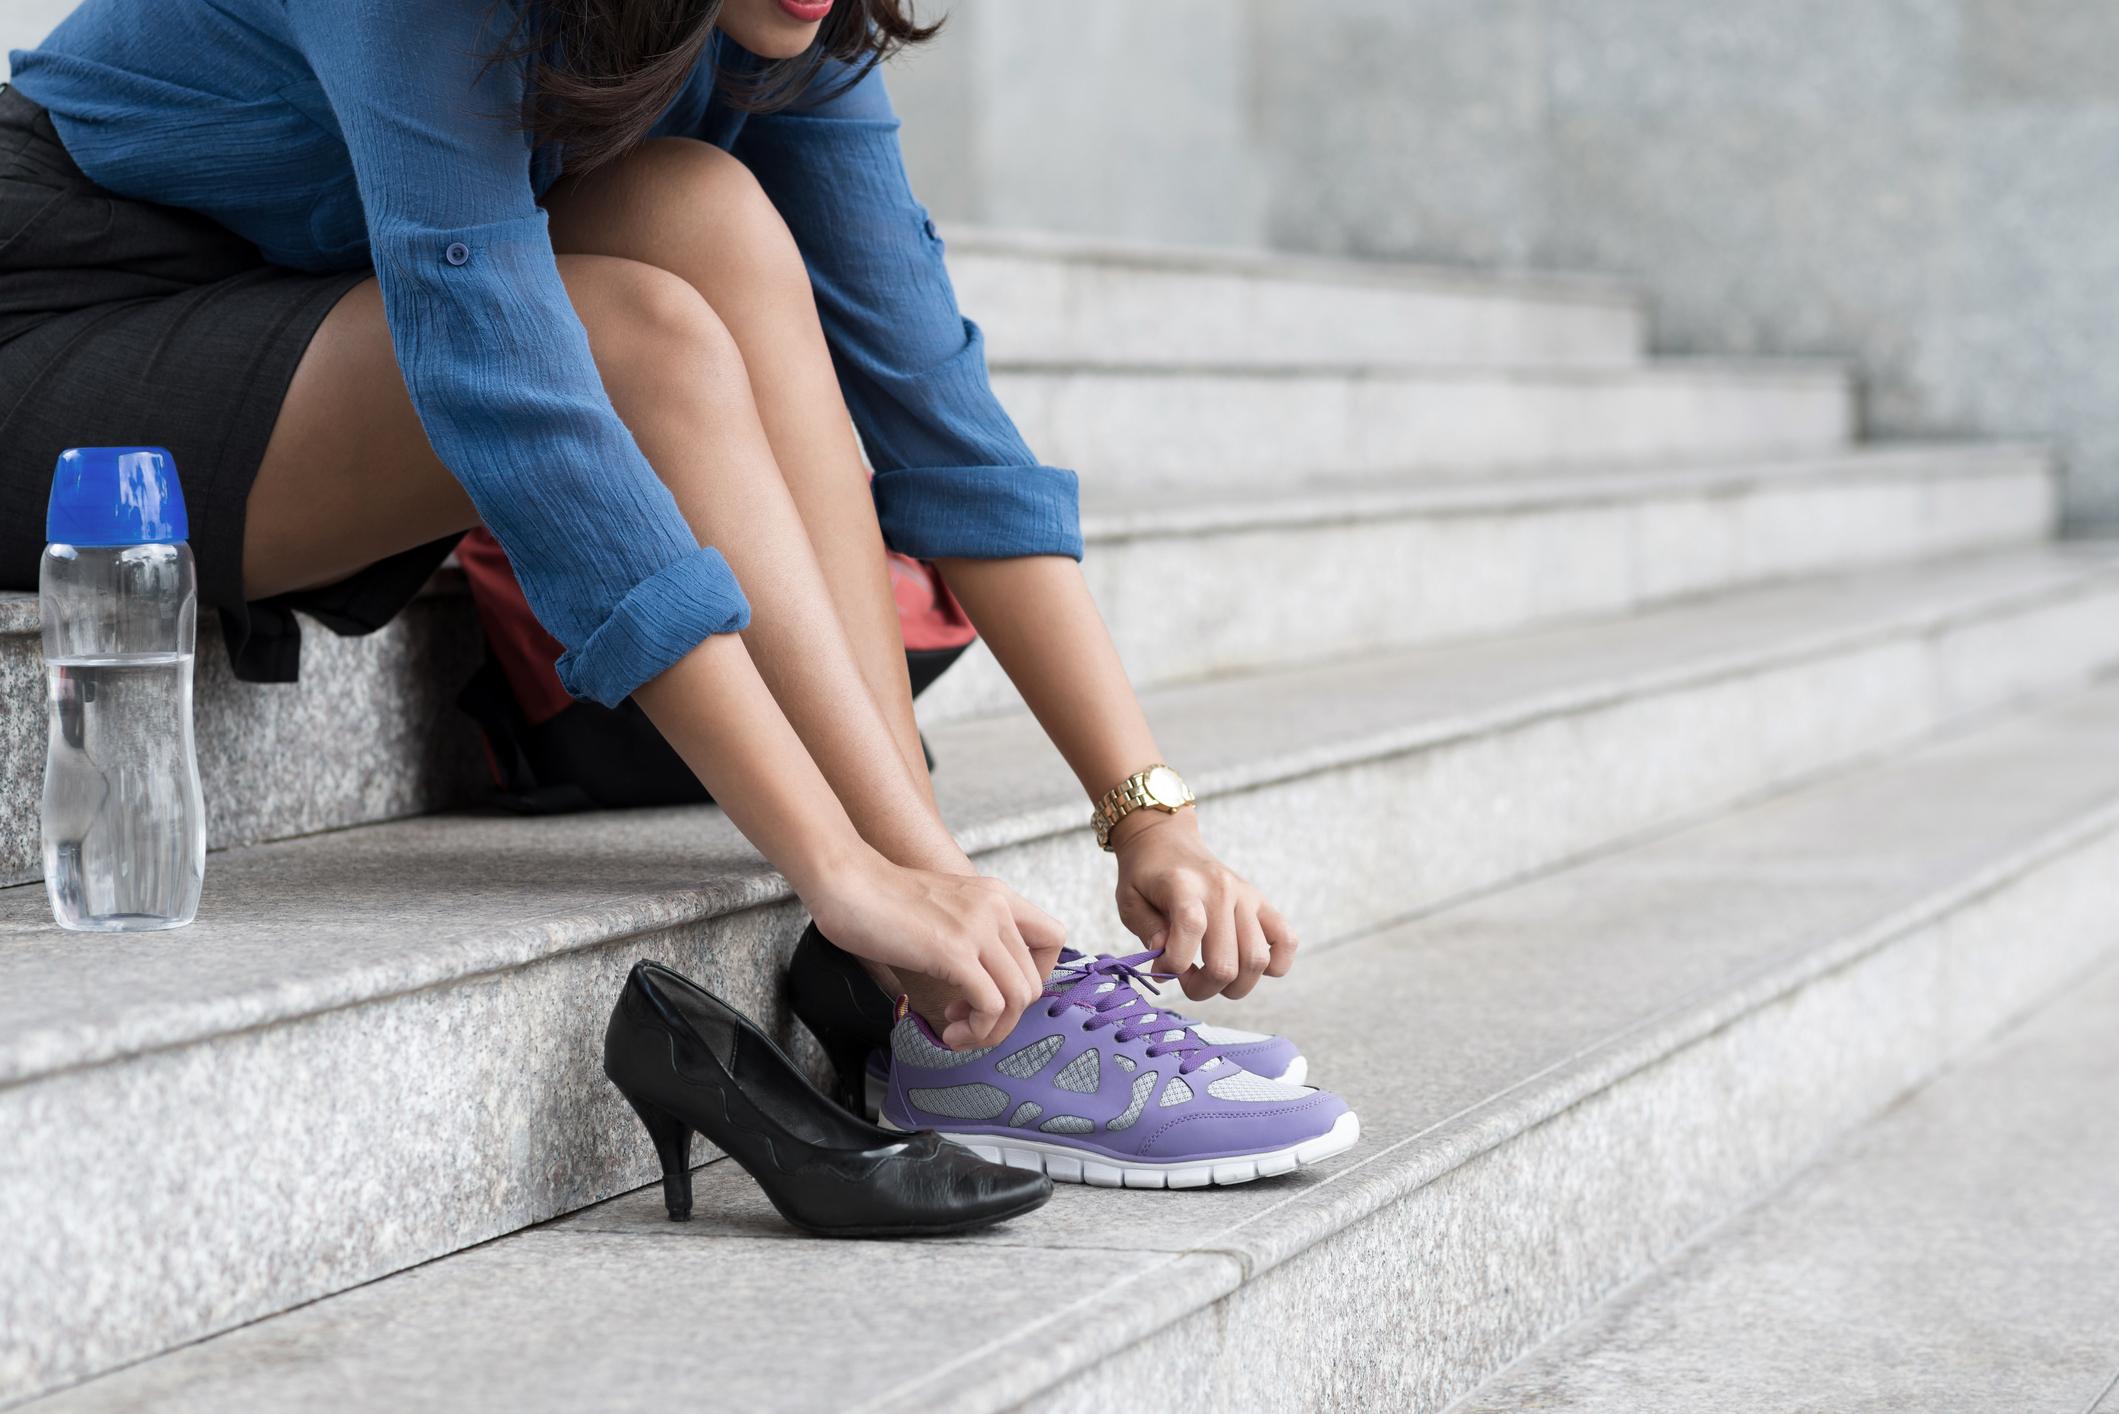 Jak biegać poprawnie? Bieganie dla początkujących i nie tylko